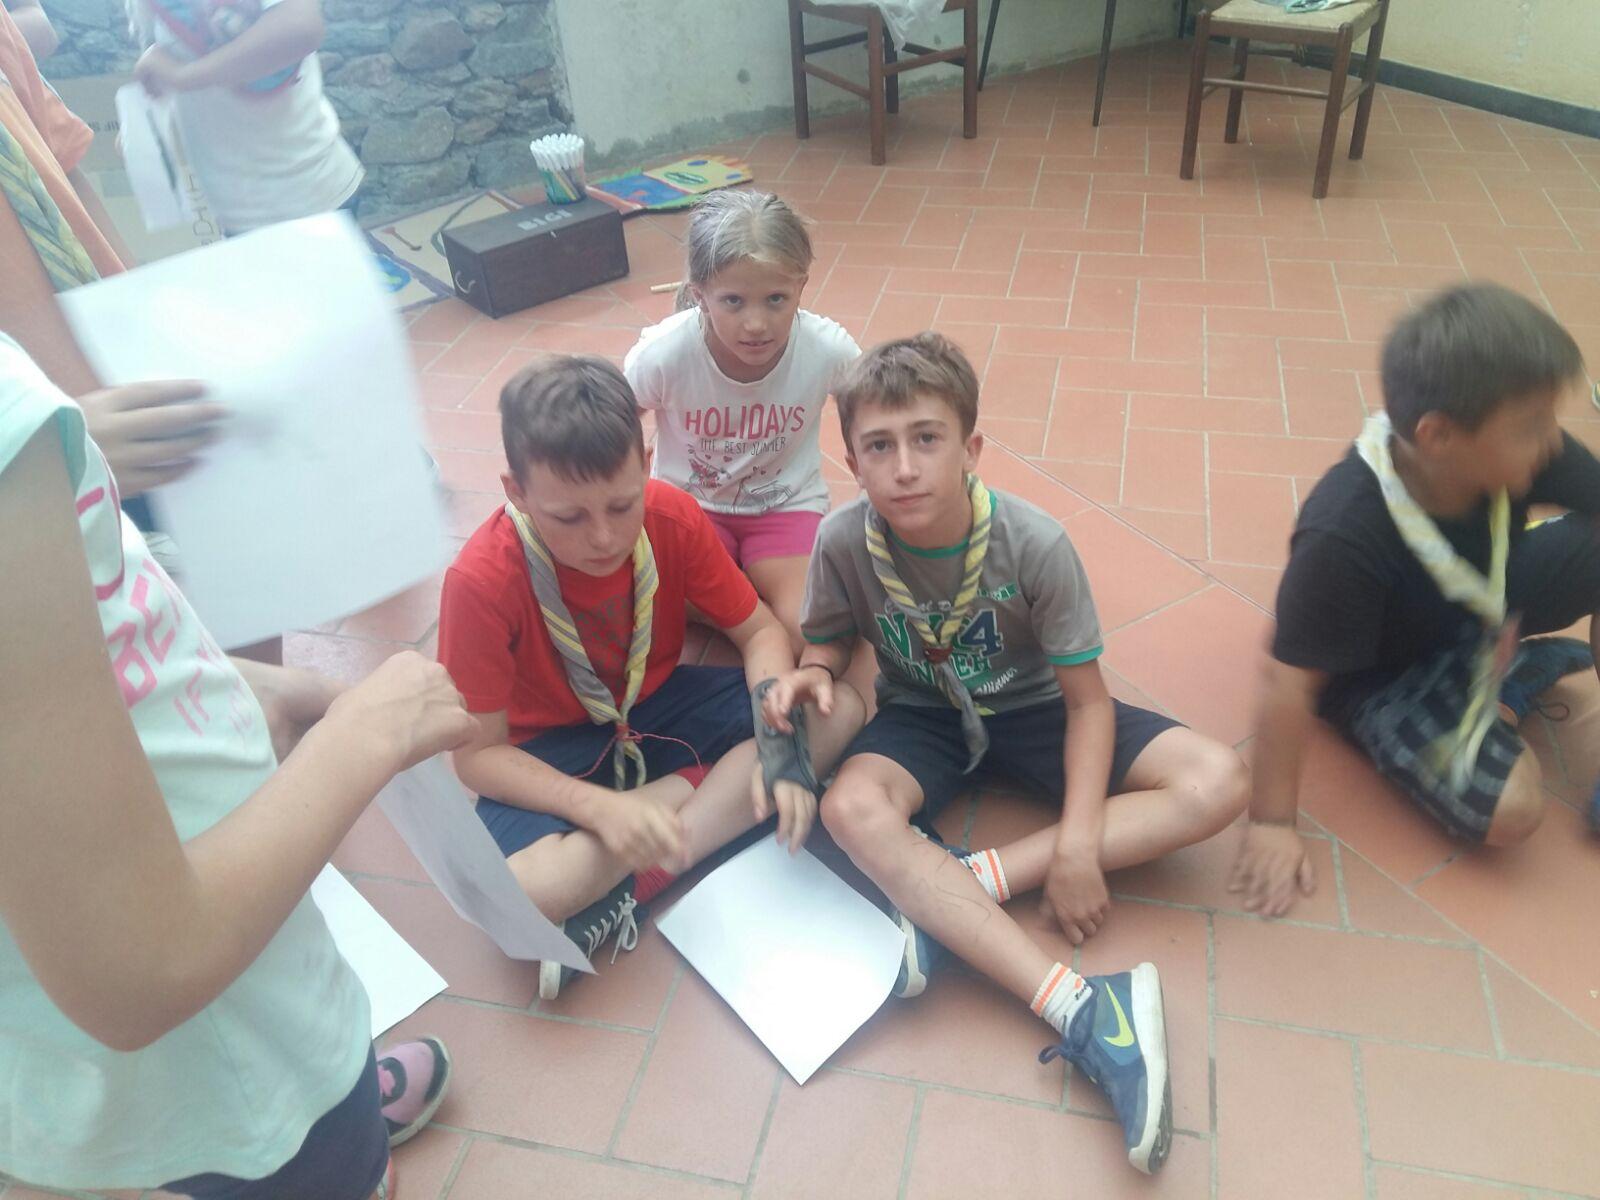 Vacanzedibranco_5giornata (17)